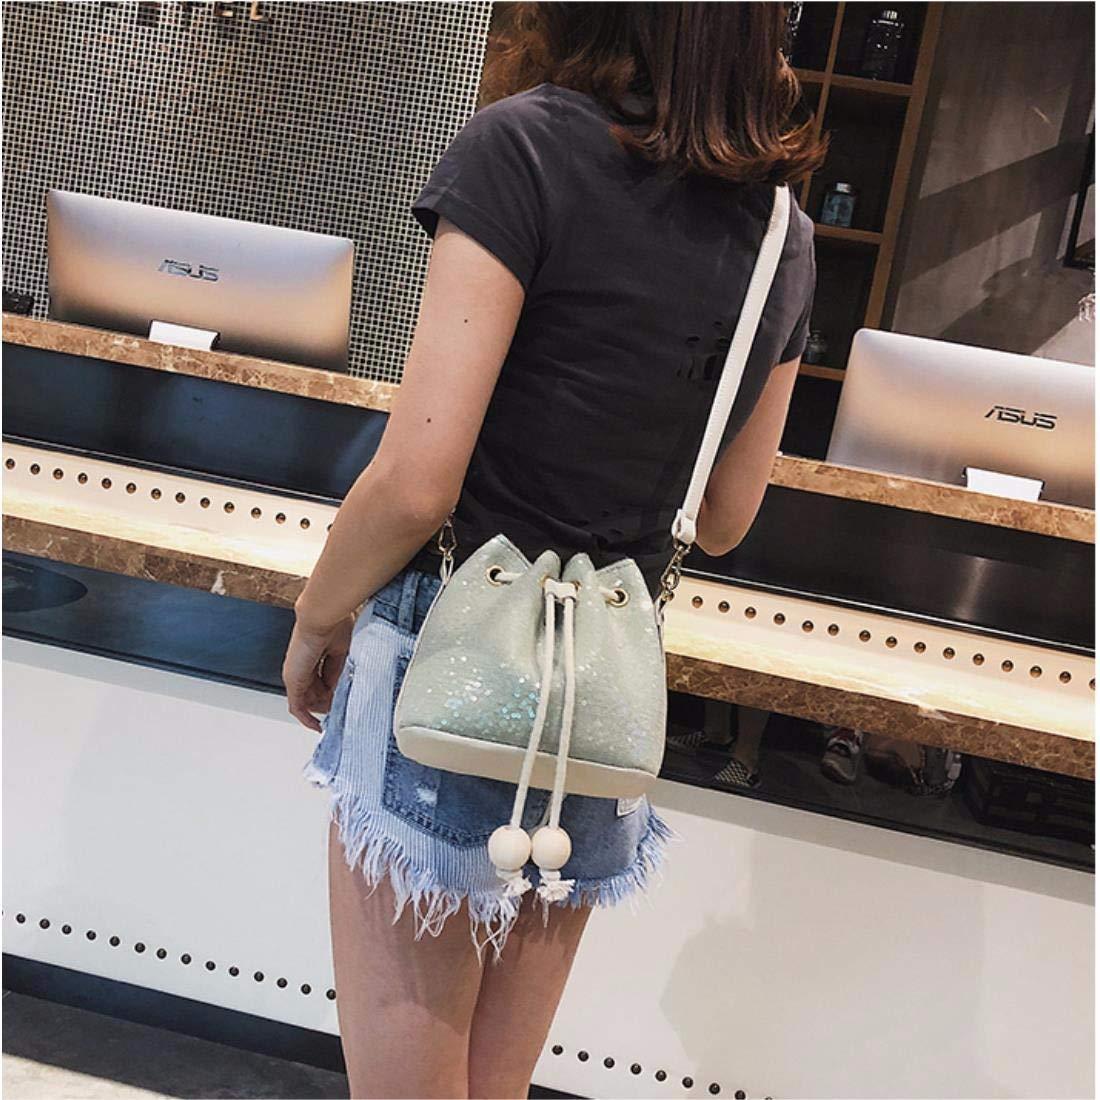 LIUXINDA-BB Damen elegant sexy weich Leder Schultertasche Handtasche schwarz B07GPGH253 B07GPGH253 B07GPGH253 Umhngetaschen Hohe Qualität 56f36b